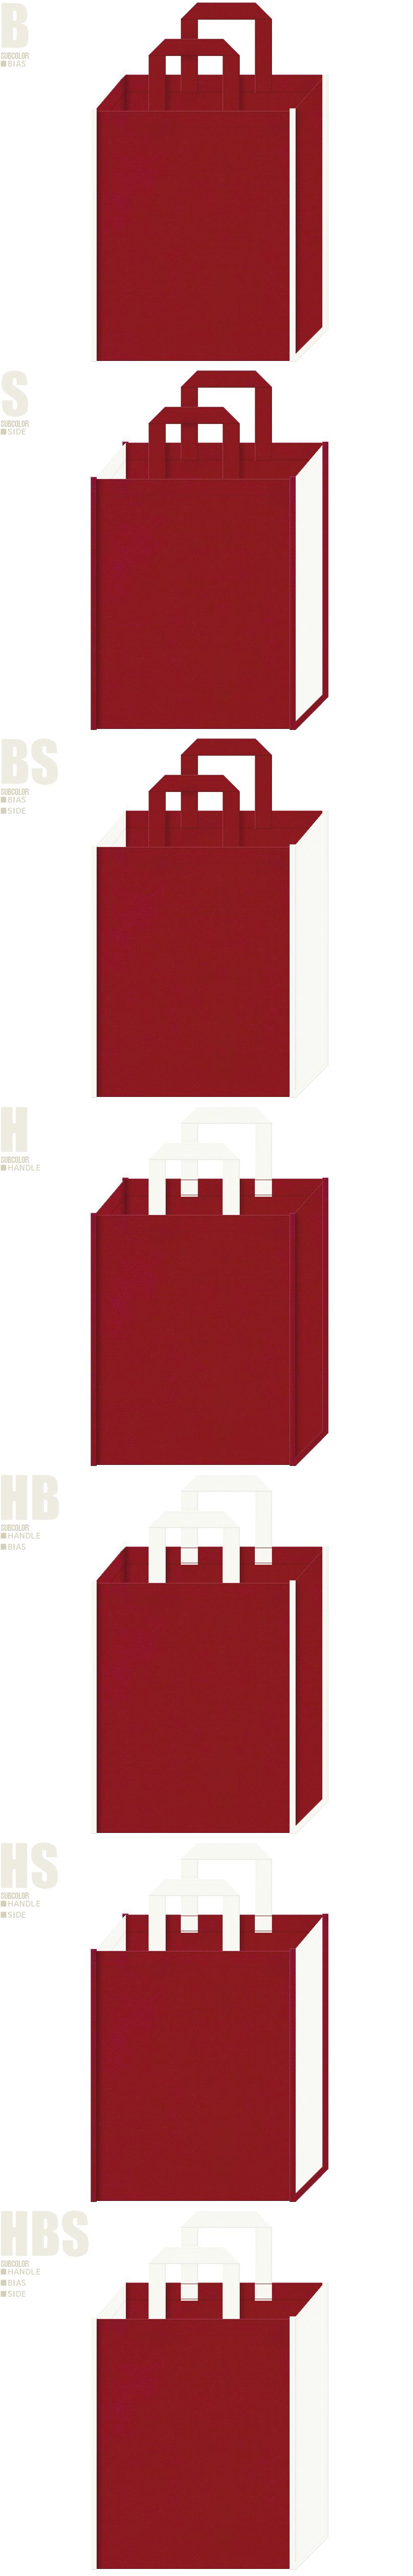 エンジ色とオフホワイト色、7パターンの不織布トートバッグ配色デザイン例。